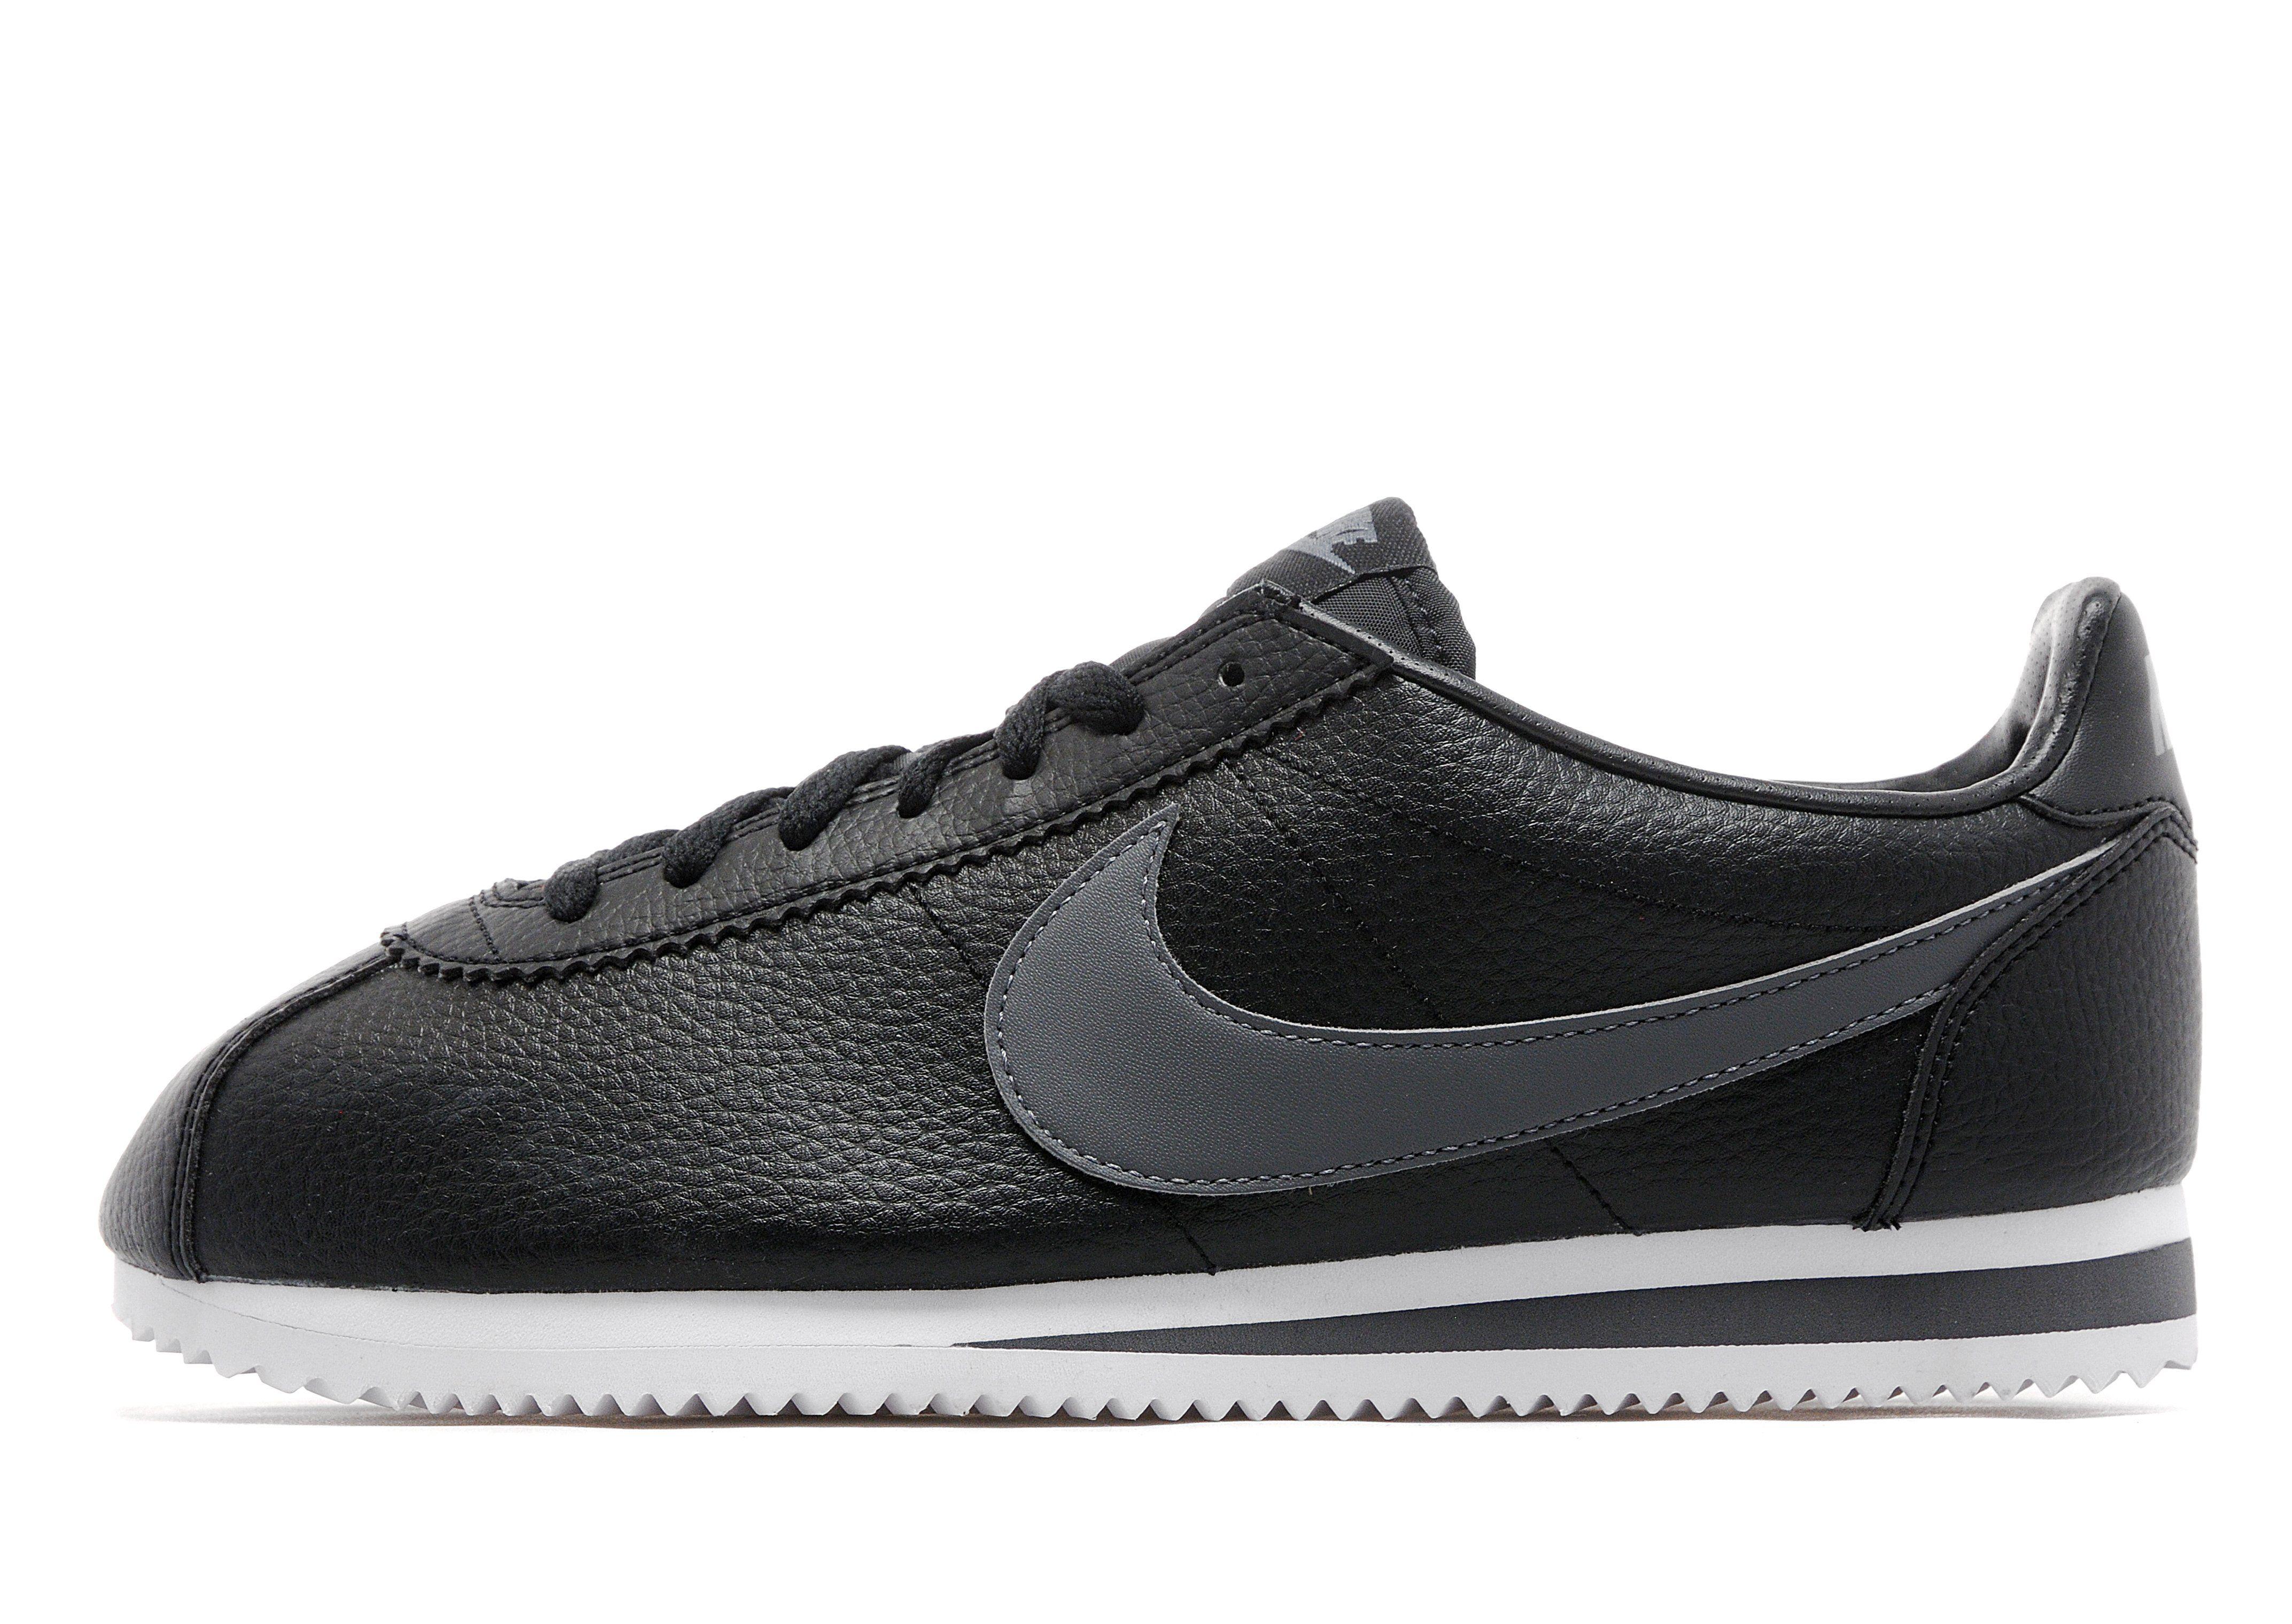 Nike Cortez Leather Mejor Lugar Para La Venta Toma El Precio Barato Precio Muy Barato dXZheBo